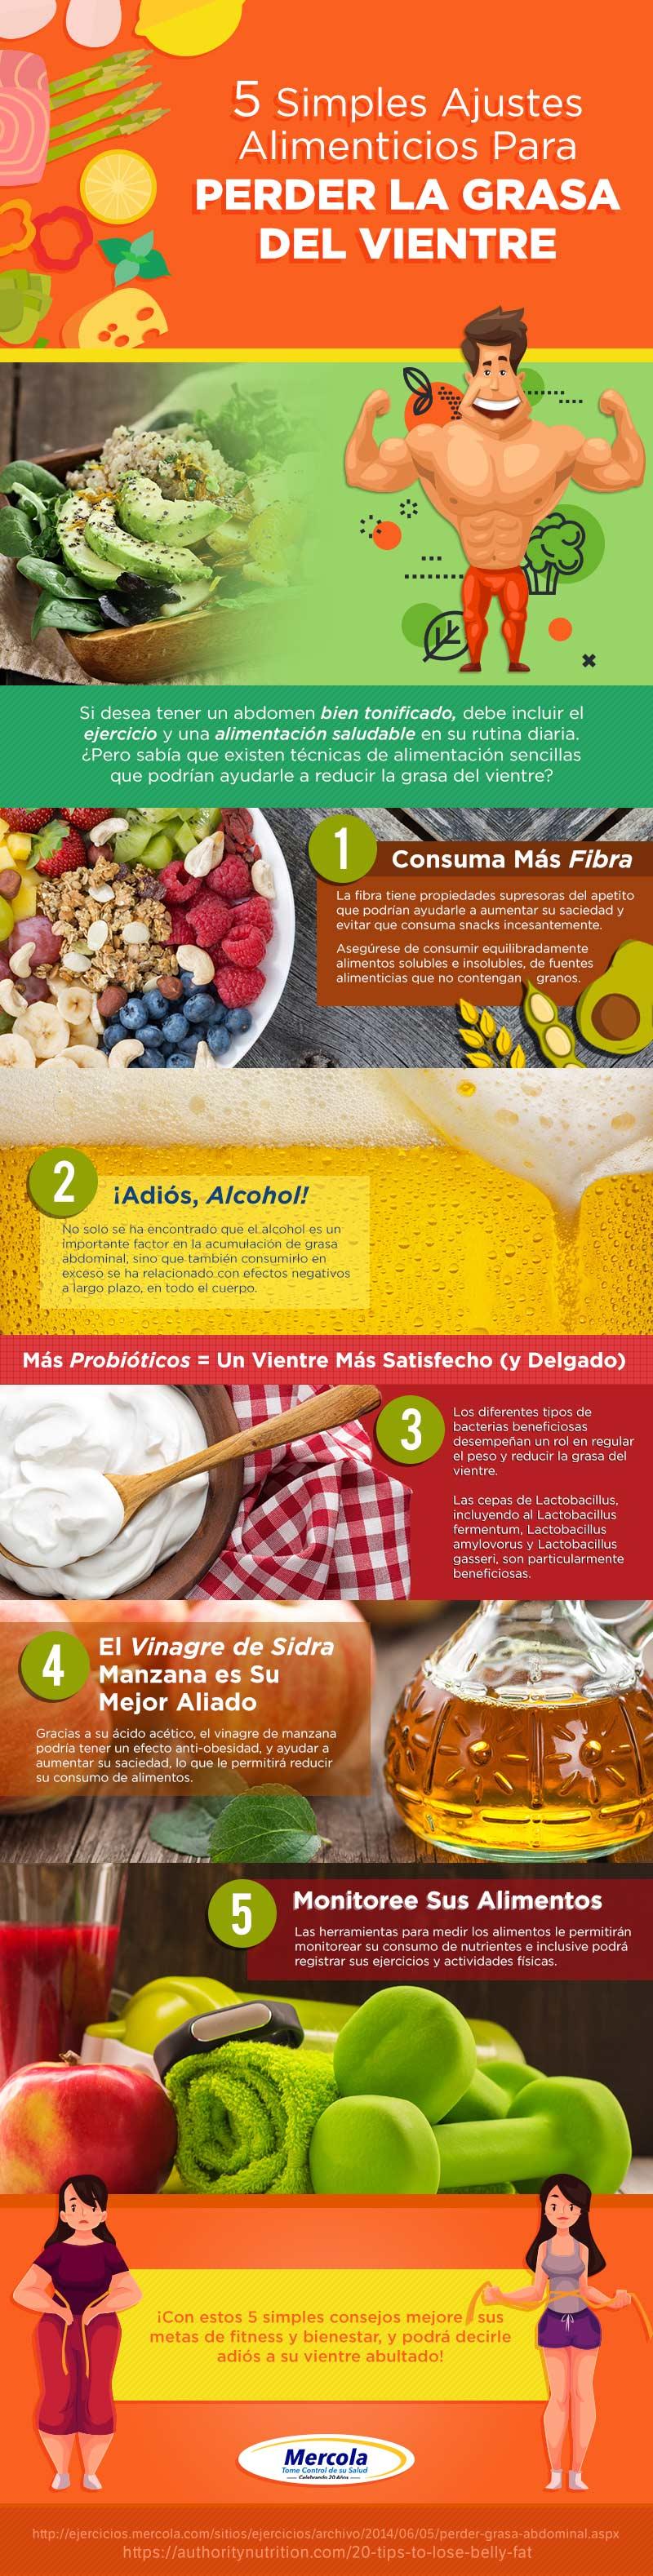 5 Simples Ajustes en la Alimentación Para Ayudarle a Perder la Grasa del Vientre